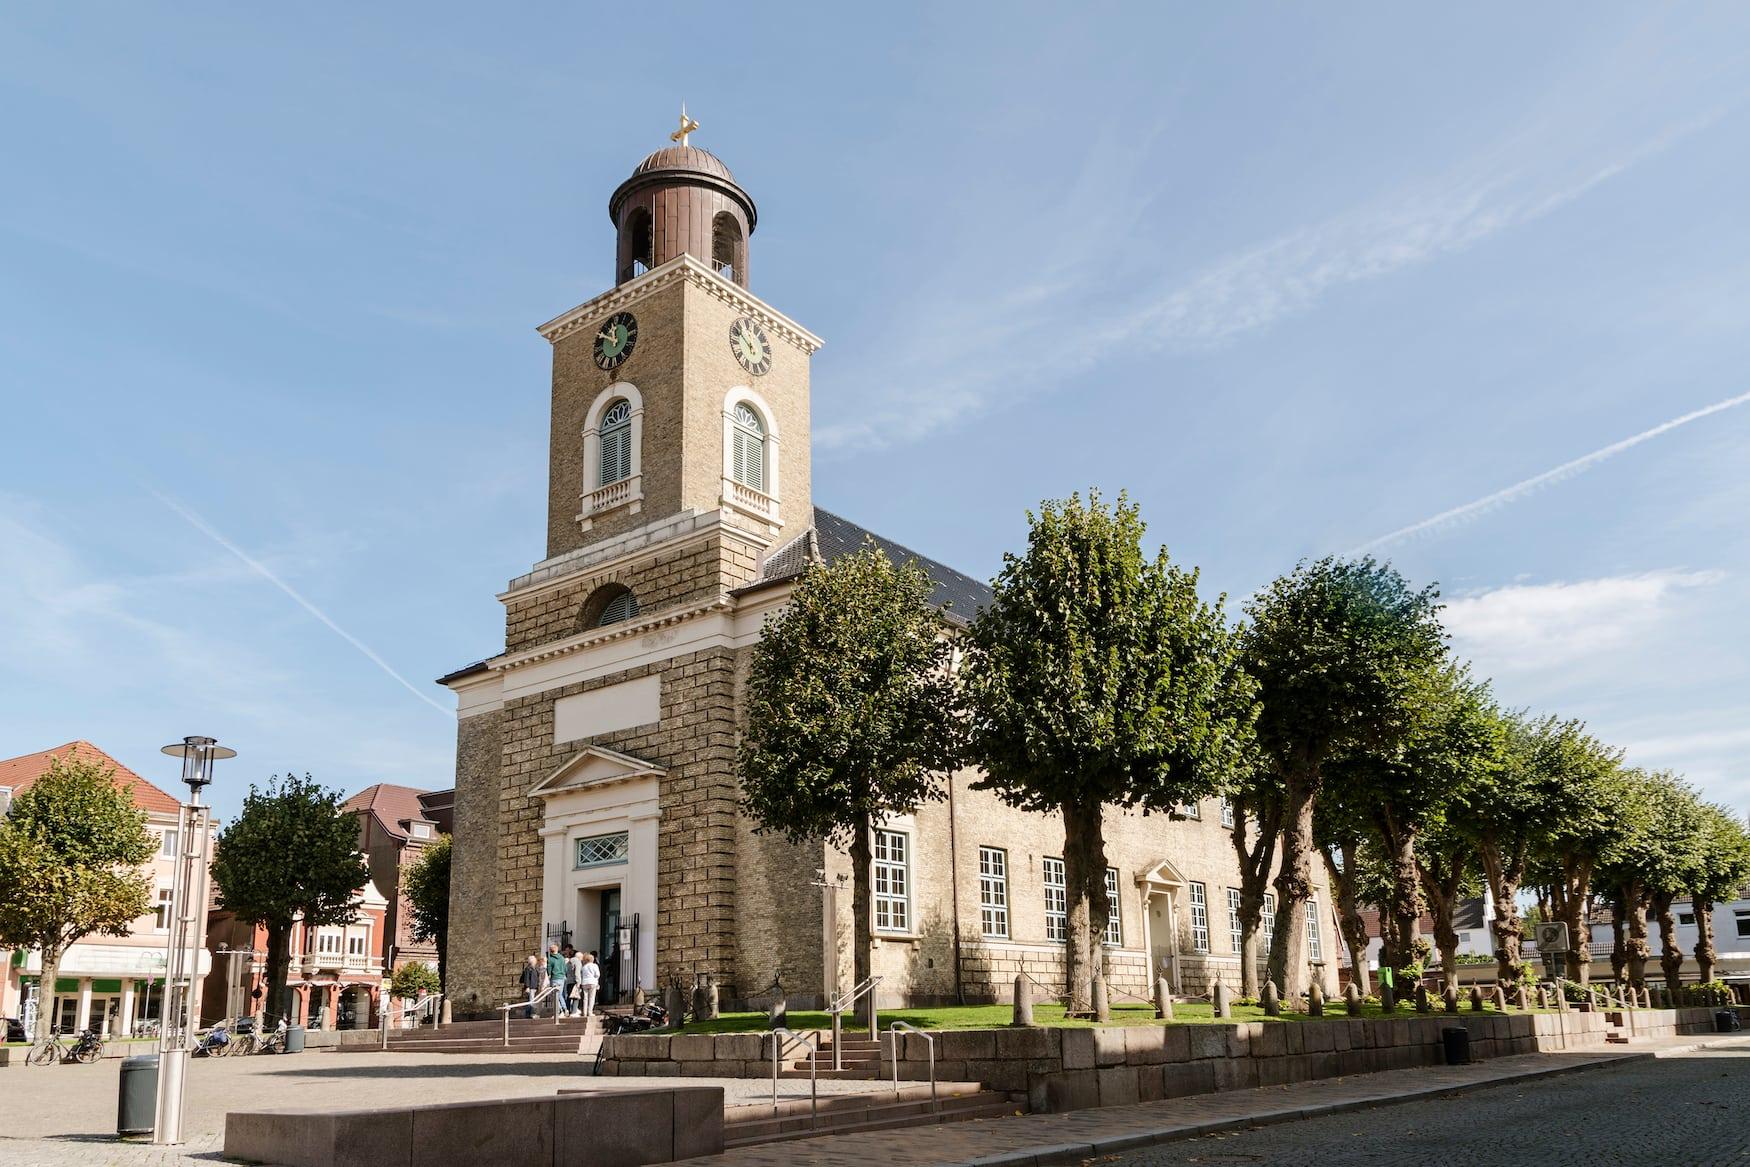 Kirche in Husum an der Nordsee